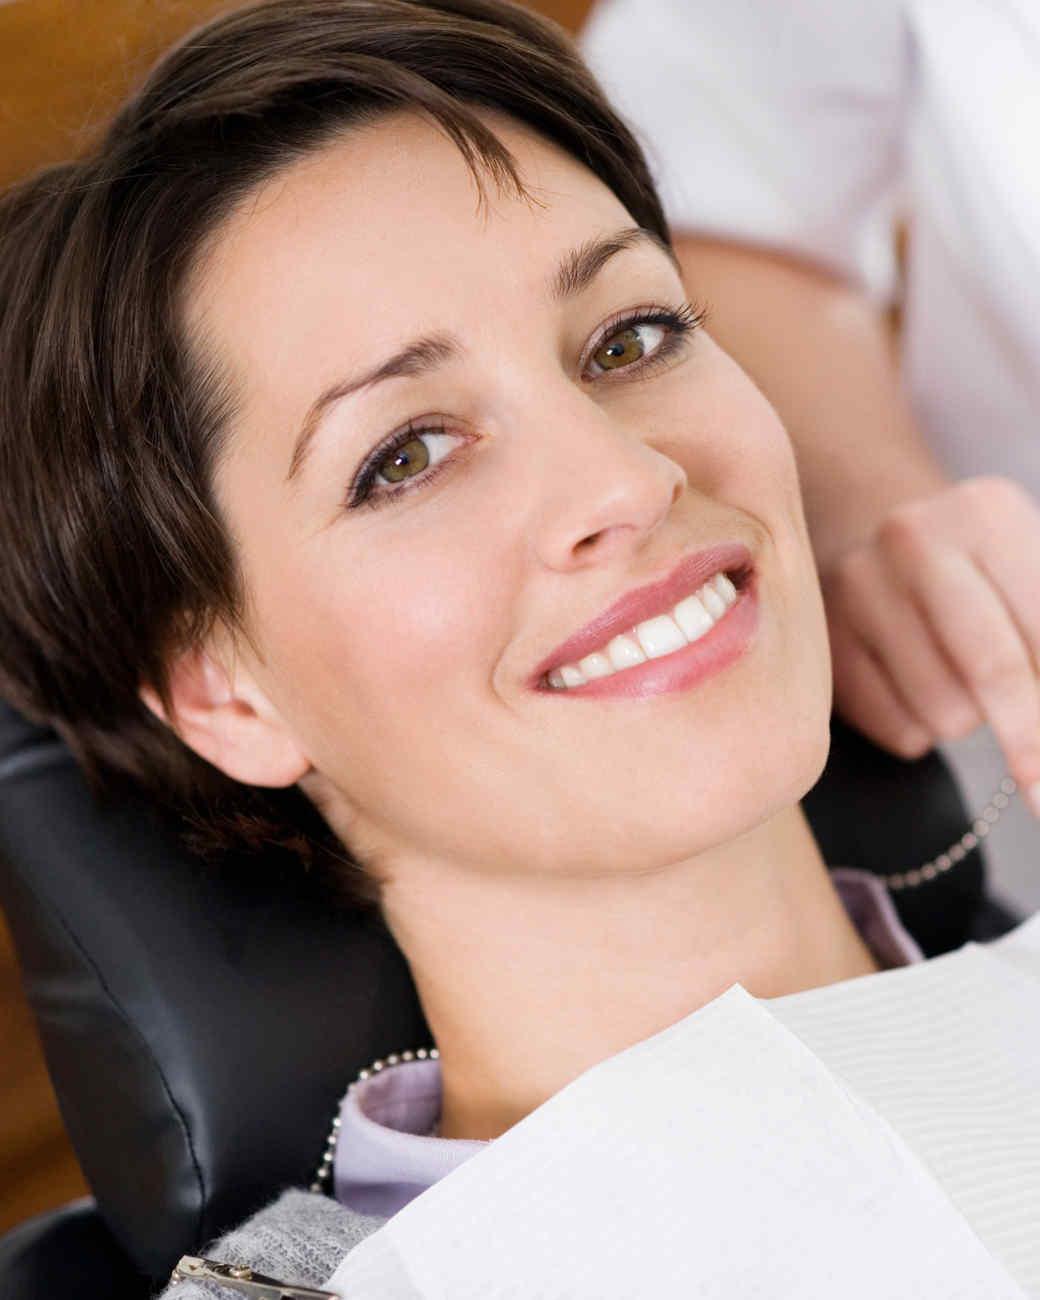 bc-smile-teeth-1-getty-88622175.jpg